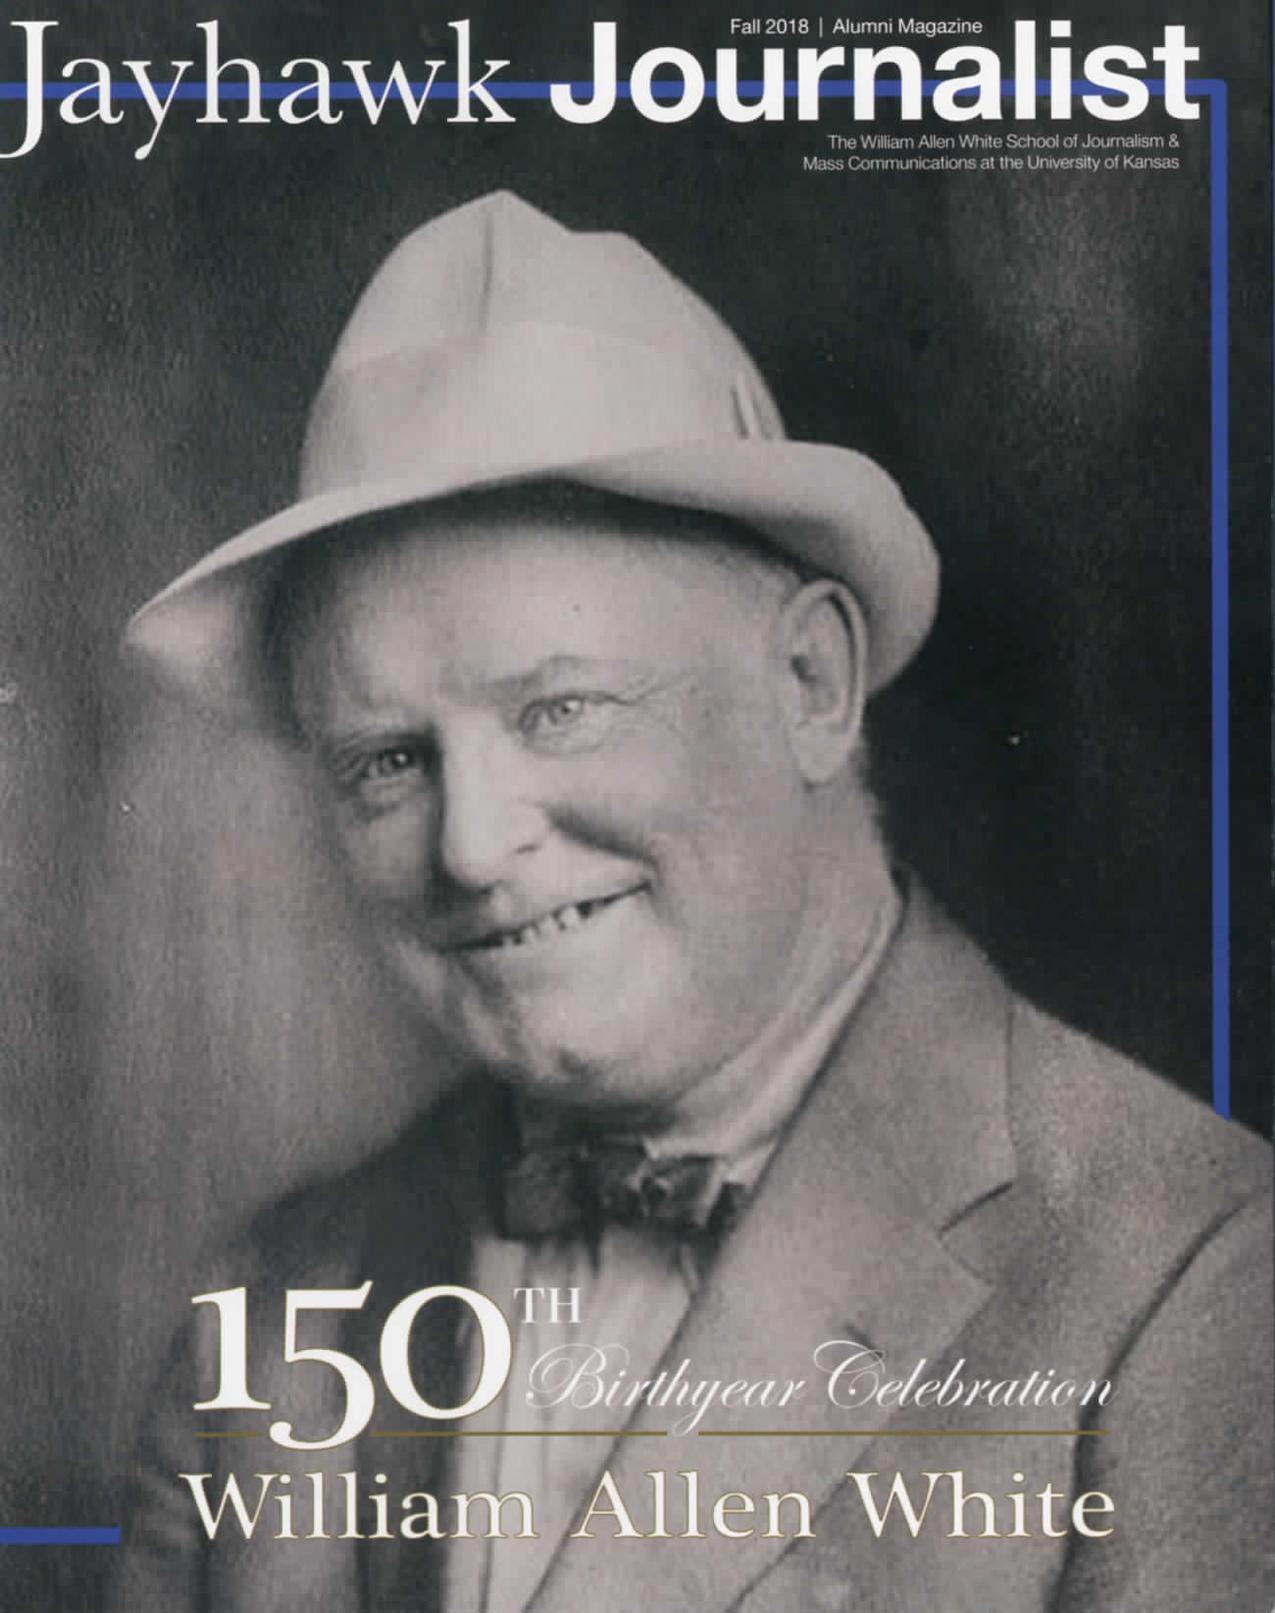 Jayhawk Journalist cover -- Photo of William Allen White